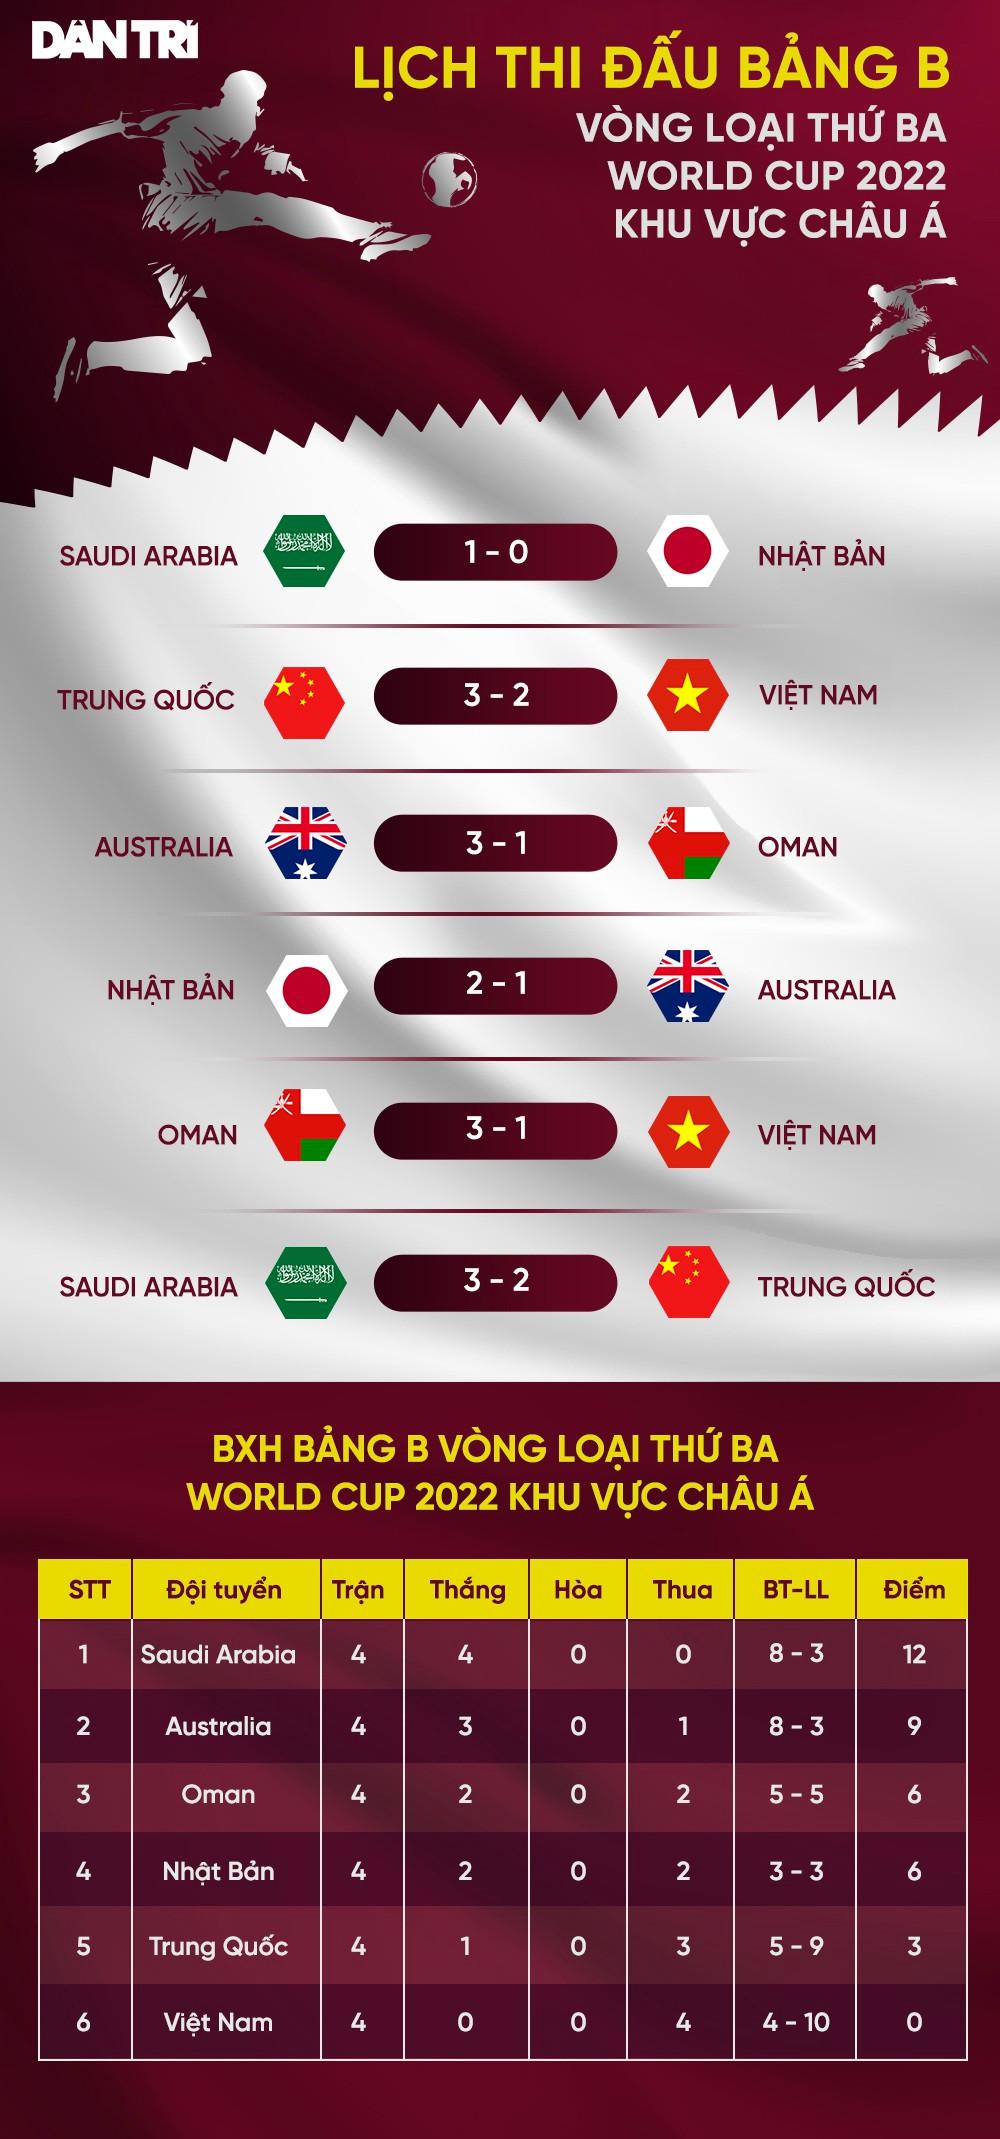 Cục diện vòng loại World Cup 2022 khu vực châu Á sau 4 lượt trận - 3